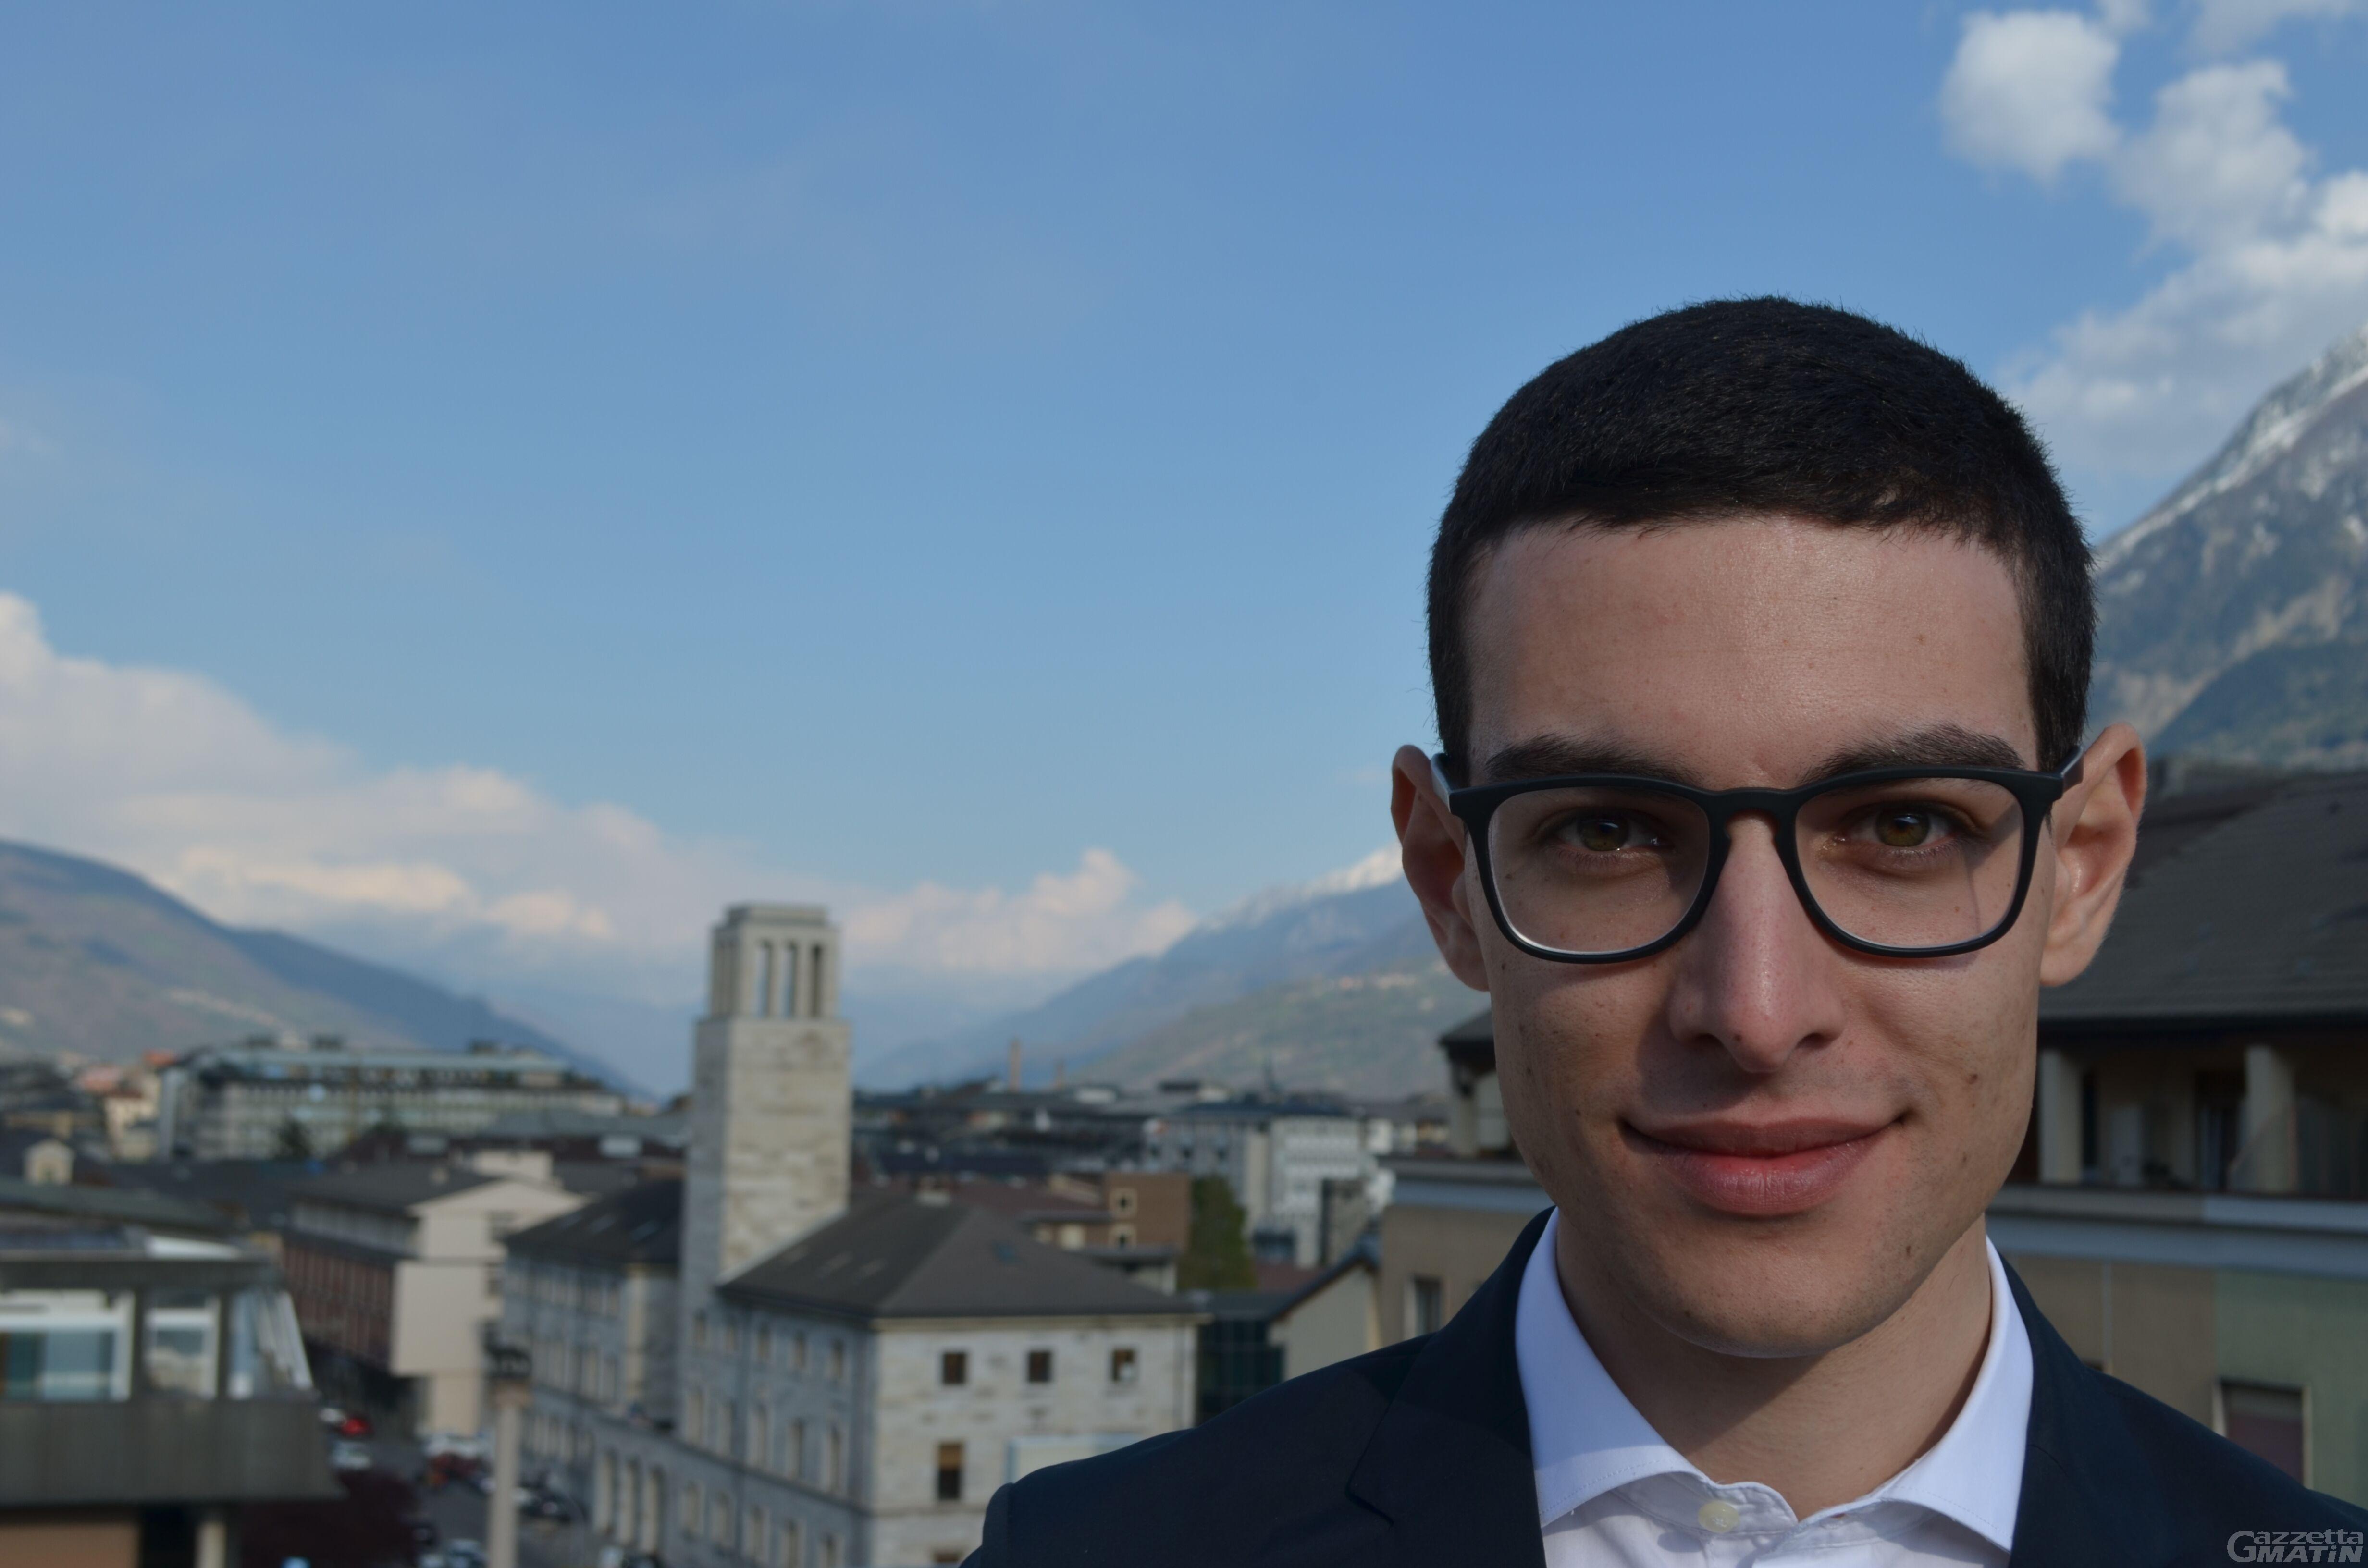 Europee: Stefano Scopacasa candidato per CasaPound-Destre Unite